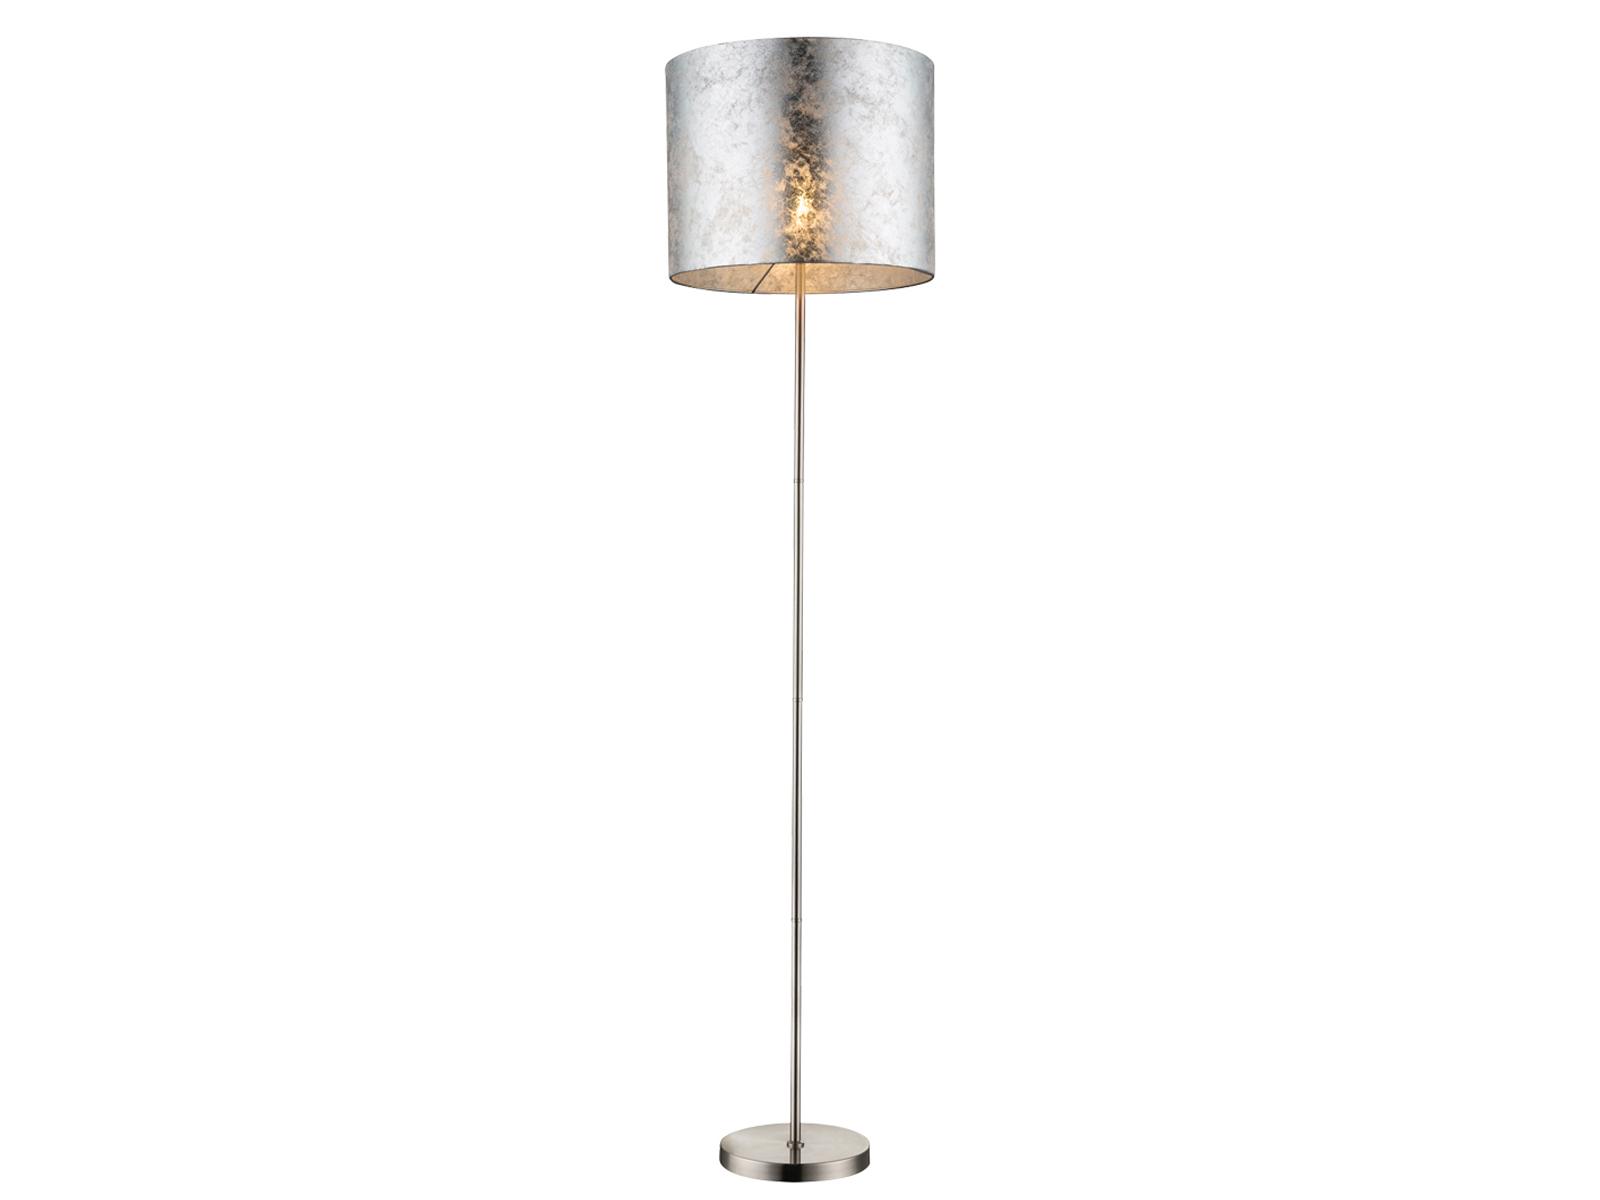 Wunderschön Stehleuchte Mit Stoffschirm Ideen Von Das Bild Wird Geladen Design-led-stehlampe-amy-stoffschirm -silber-40cm-wohnzimmerlampe-